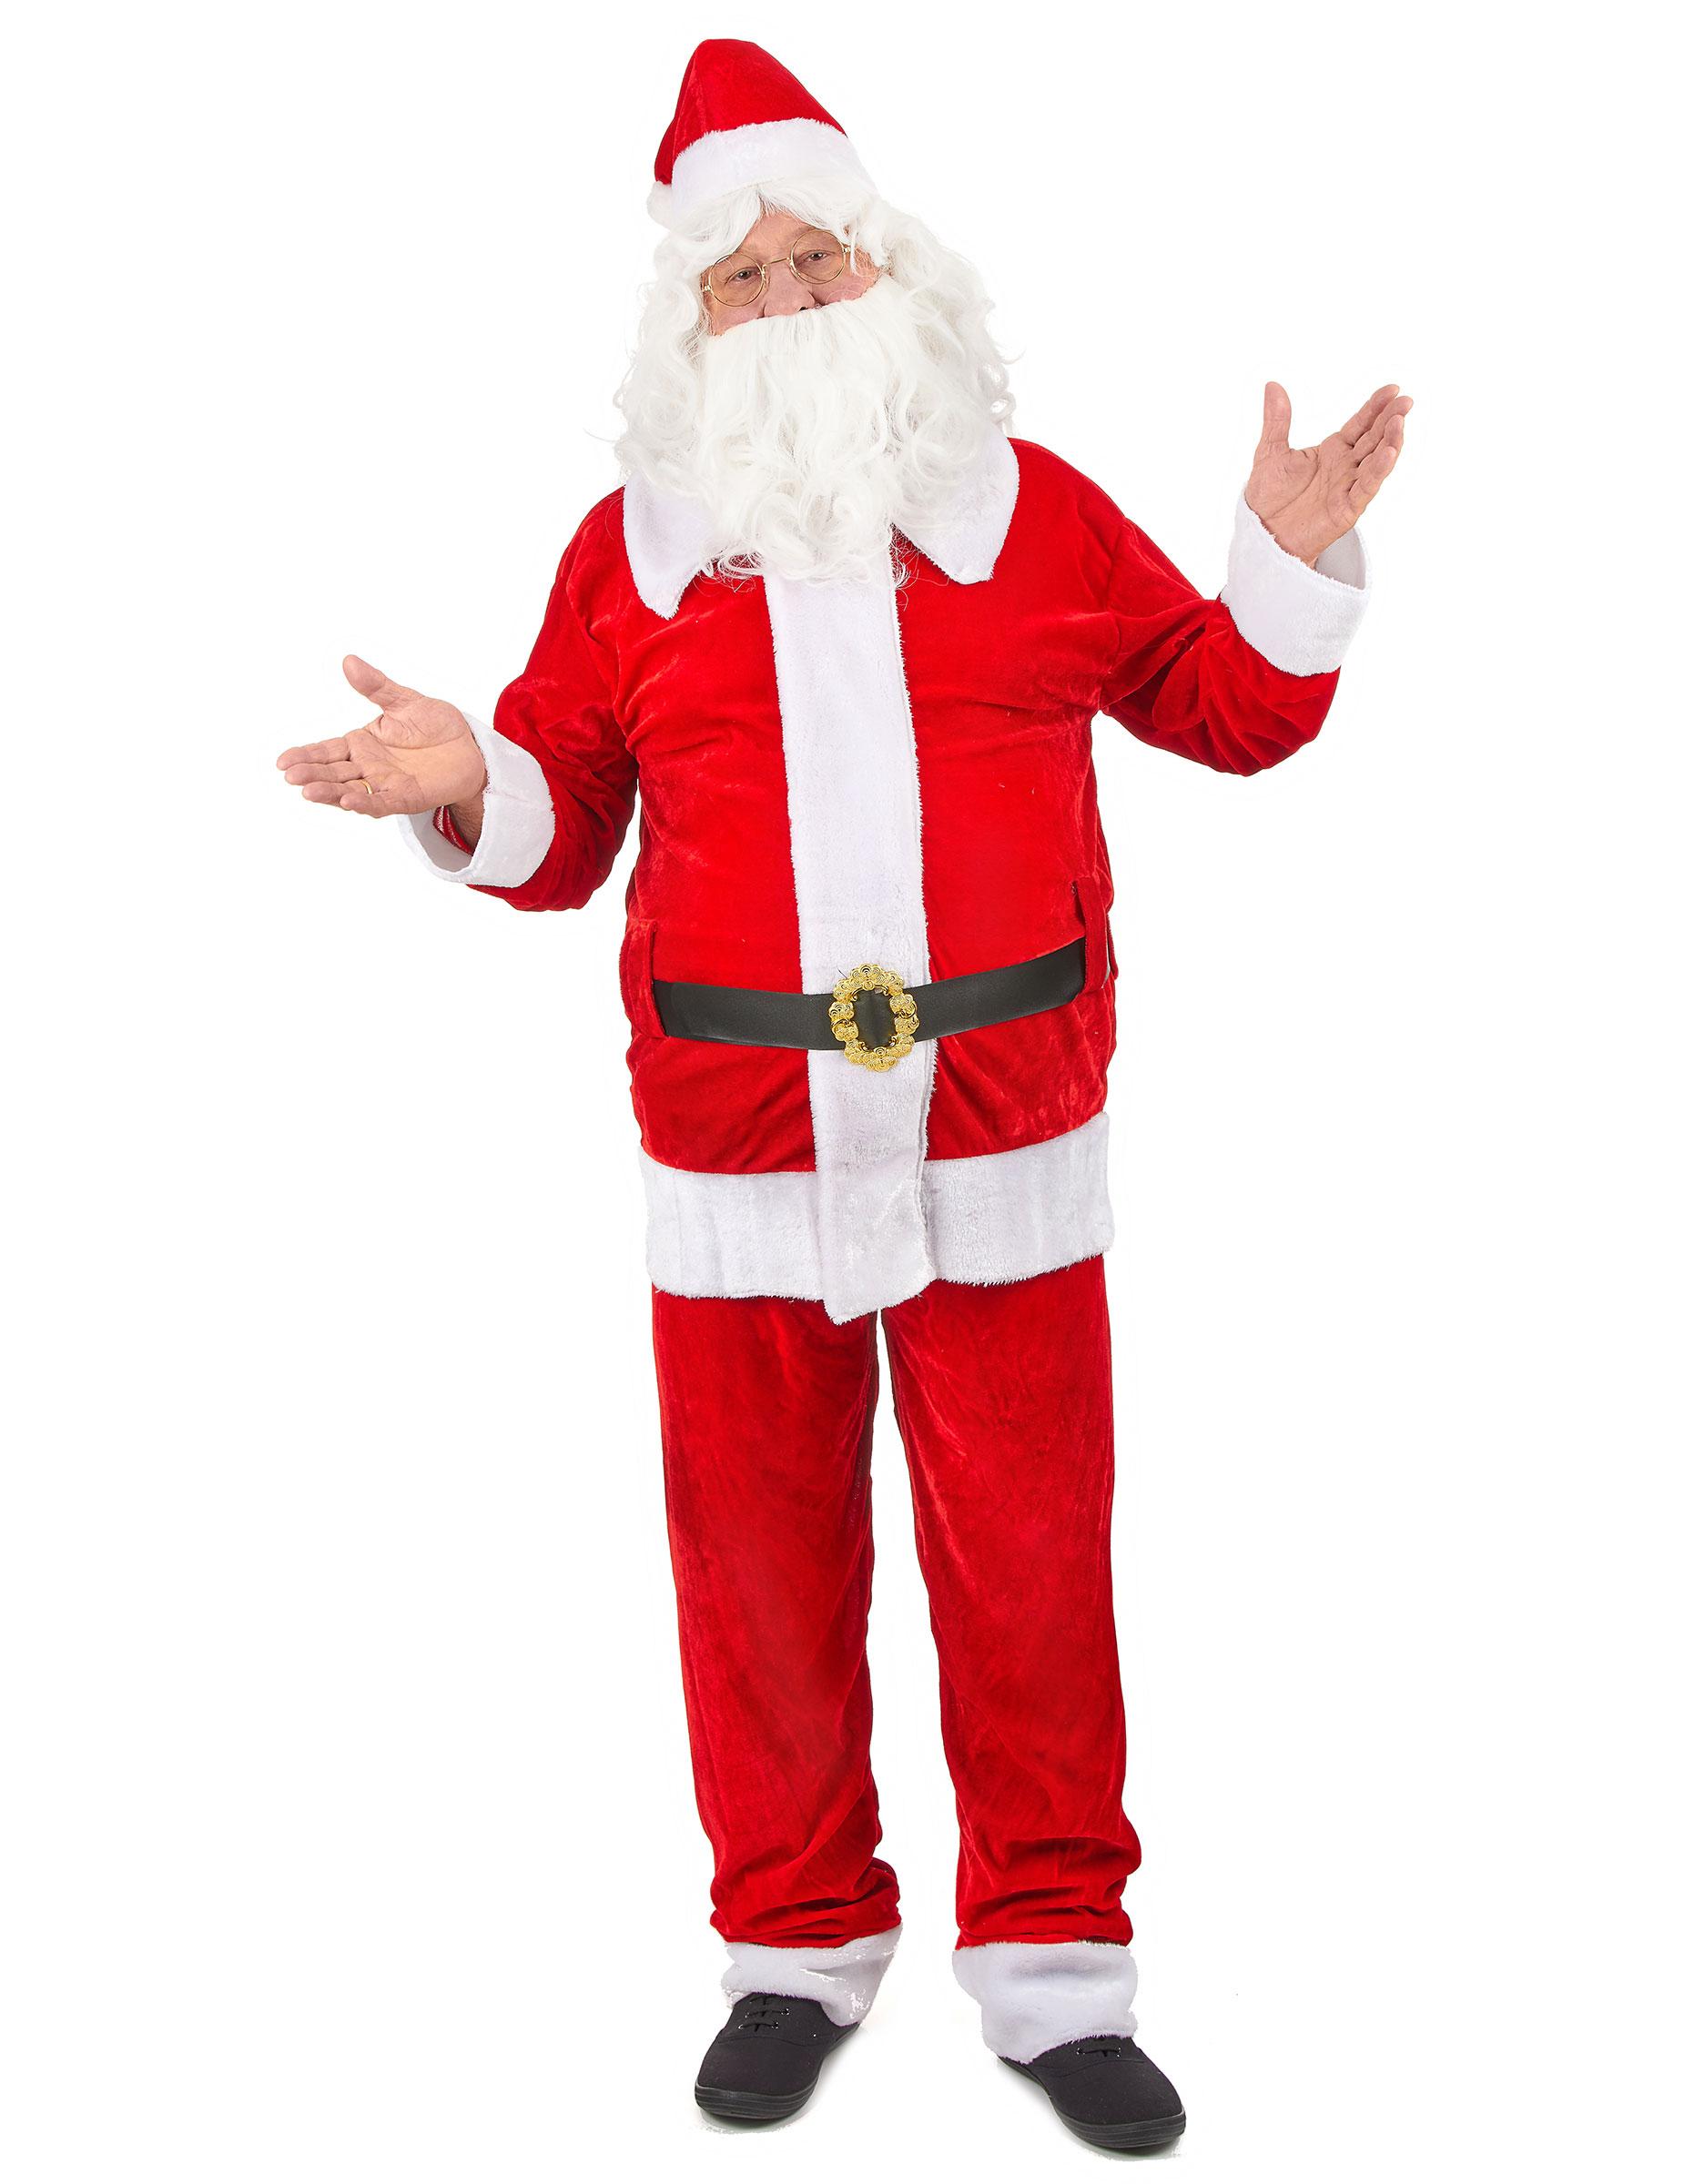 fb8a22d016 Da Babbo Natale.Costume Da Babbo Natale Deluxe Per Uomo Su Vegaooparty  Negozio Di